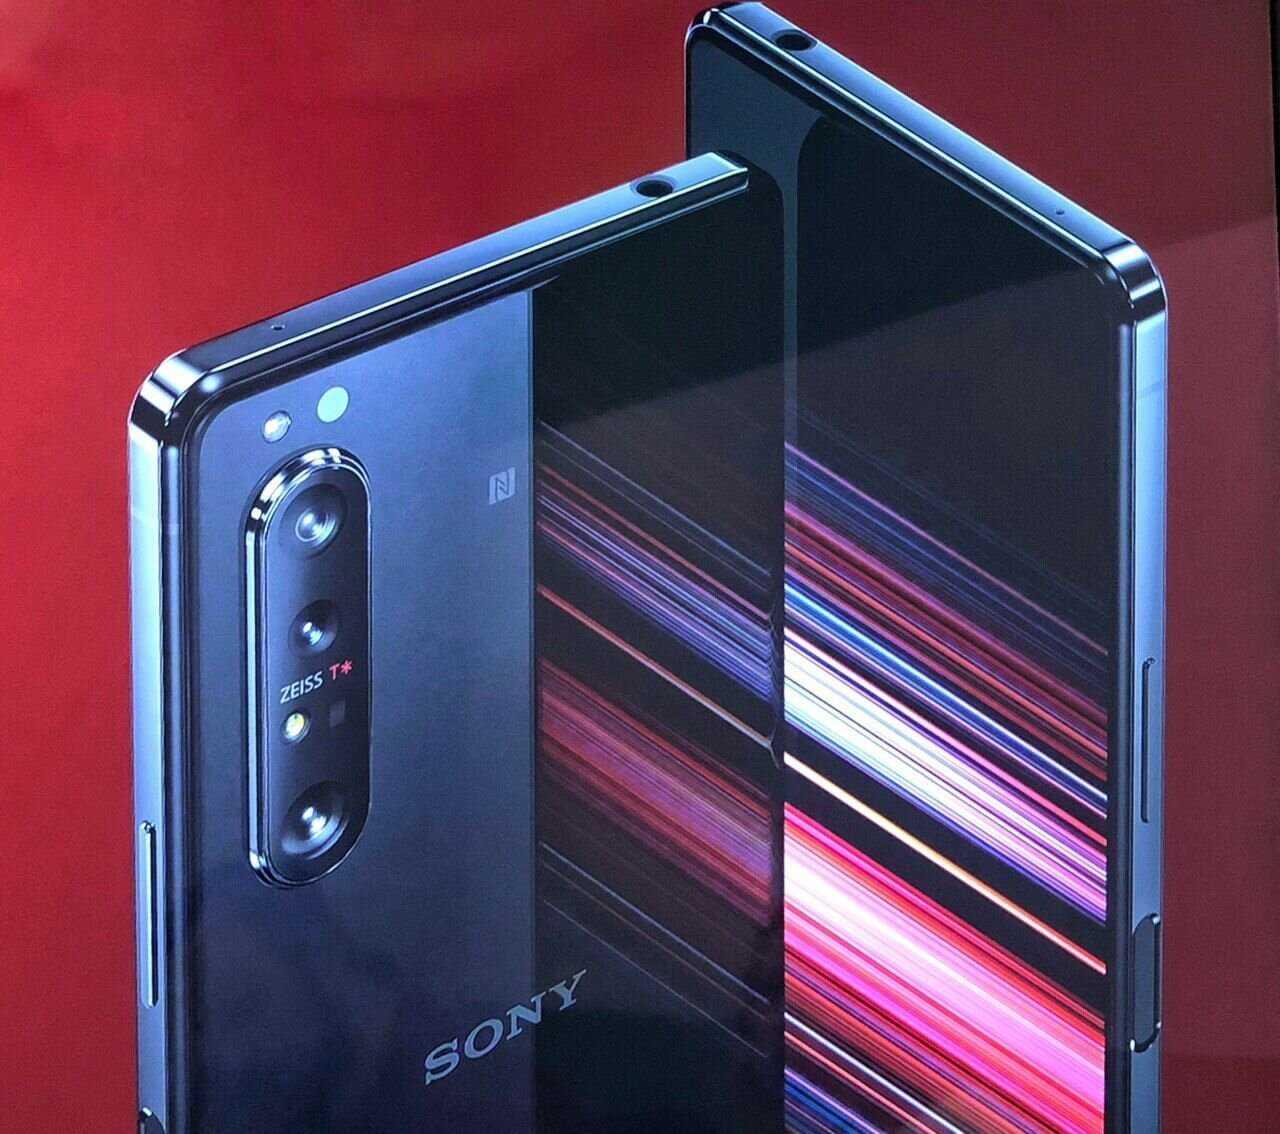 Sony vend moins de mobiles en 2020 que les années précédentes